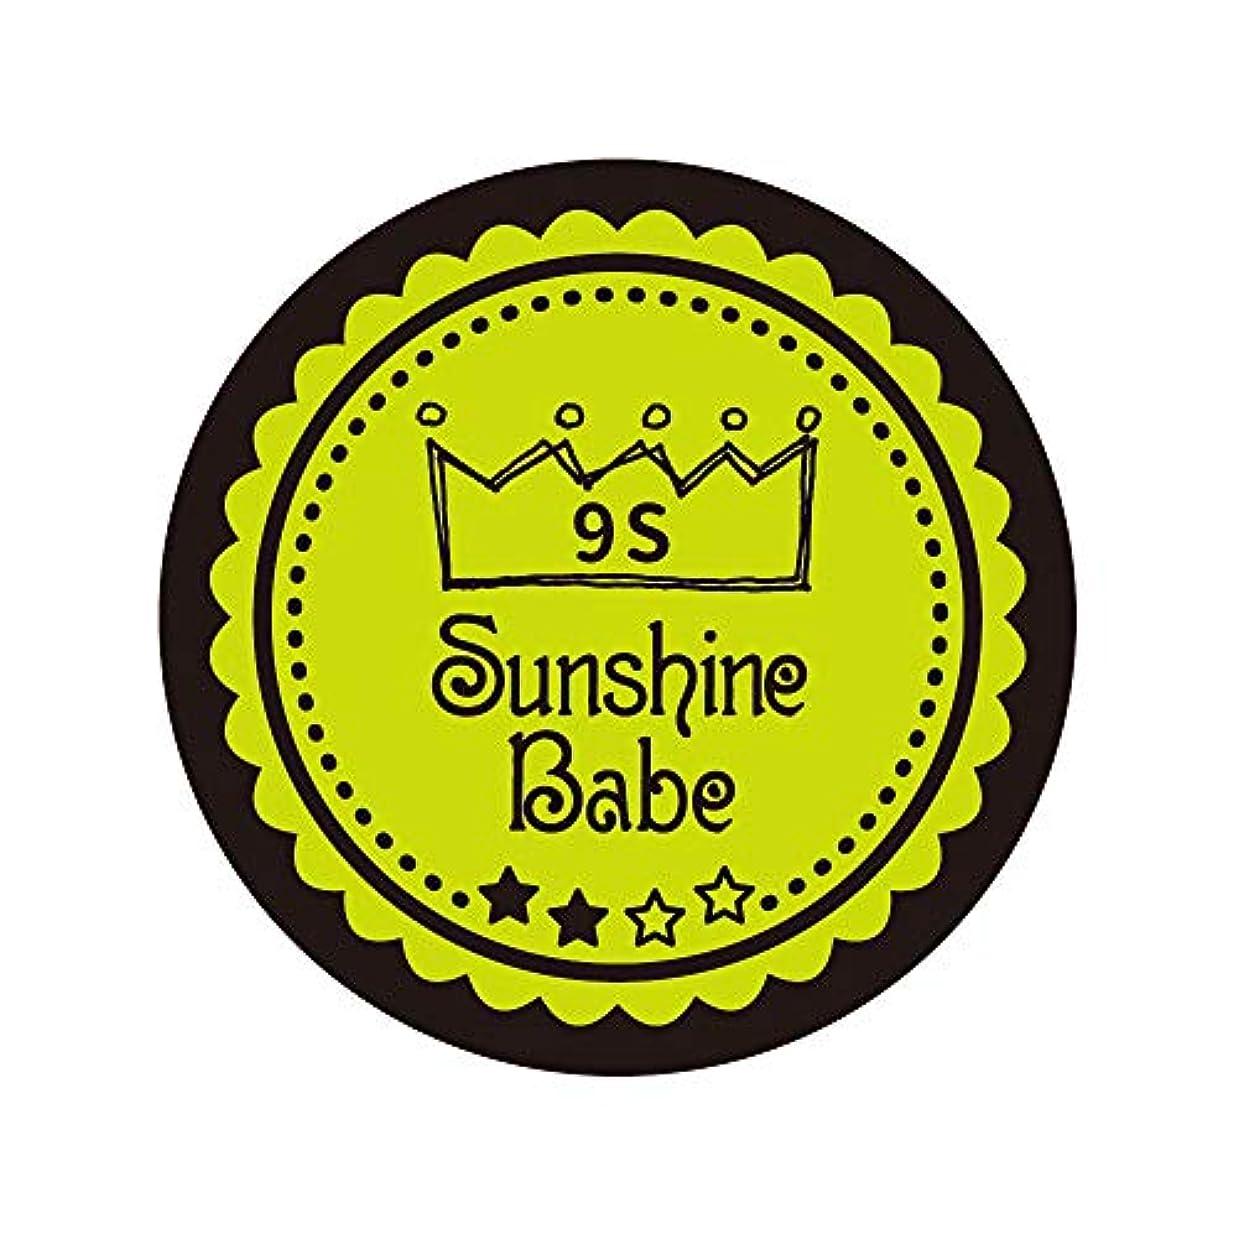 連邦信号国勢調査Sunshine Babe カラージェル 9S ライムパンチ 2.7g UV/LED対応